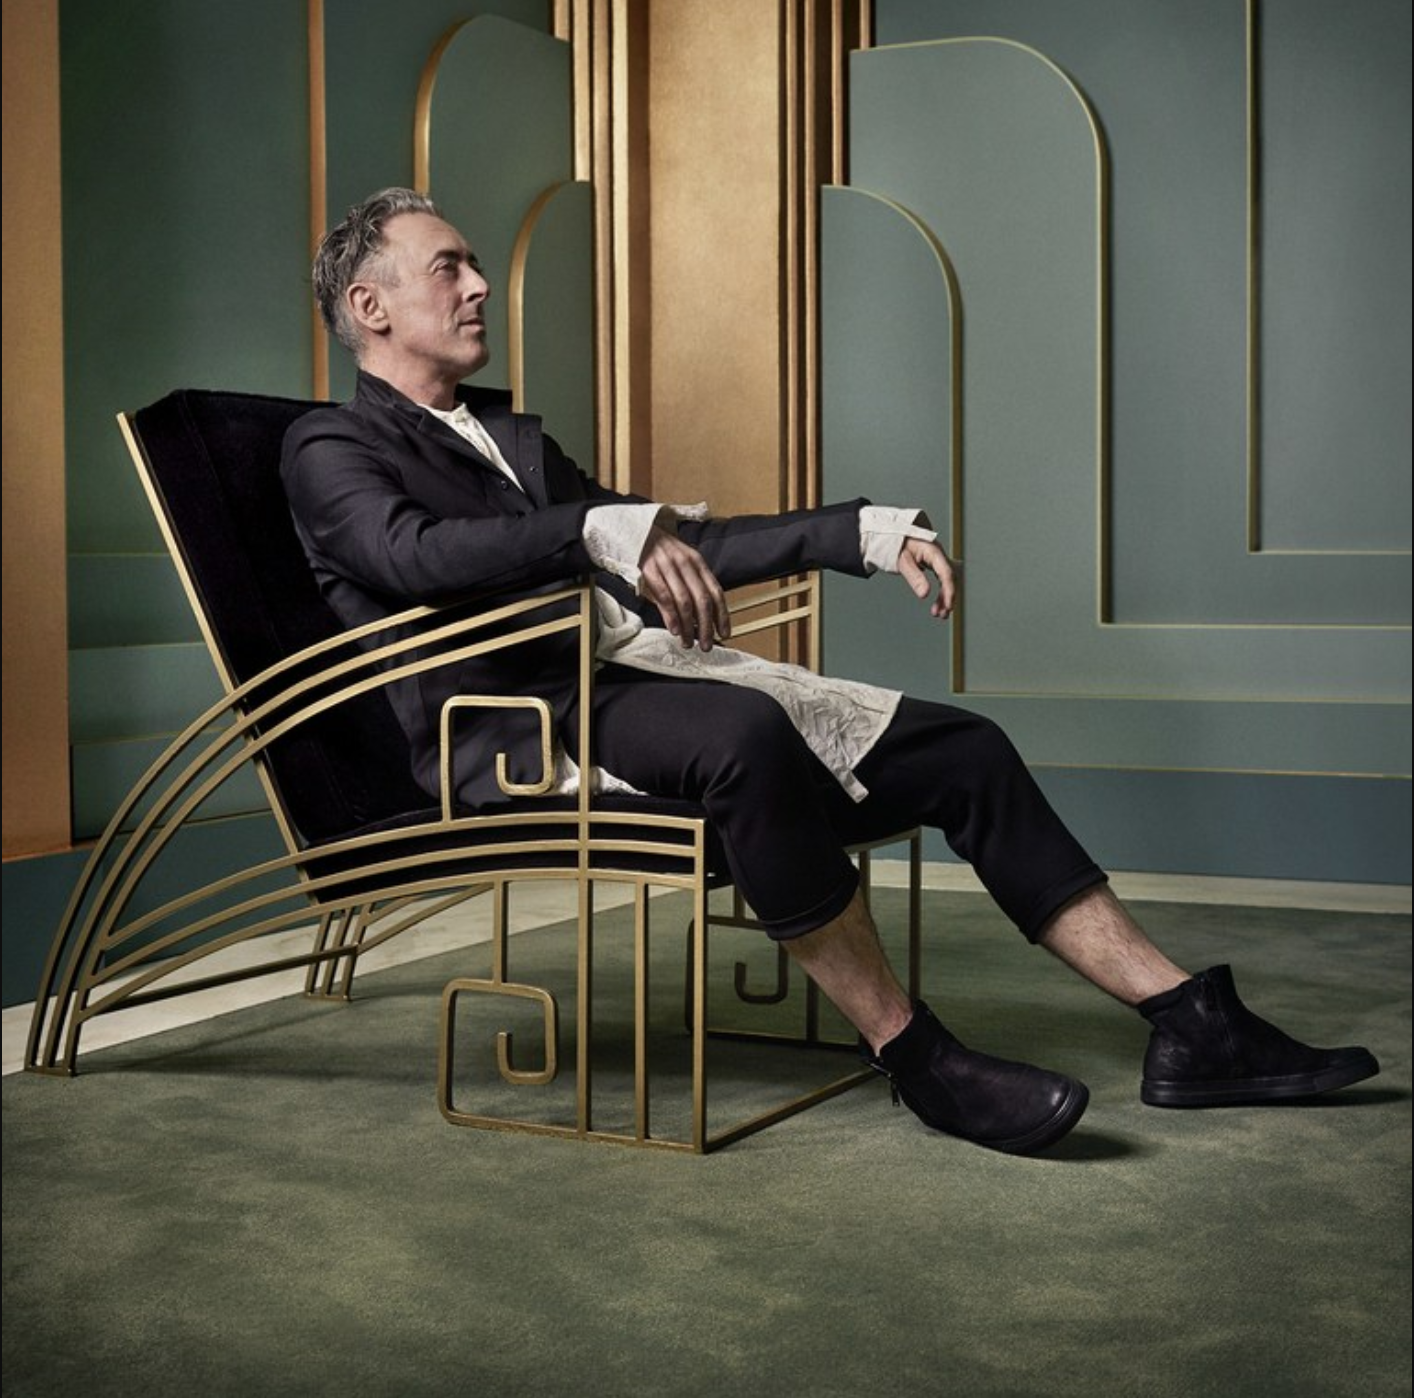 Photo: Mark Seliger for Vanity Fair